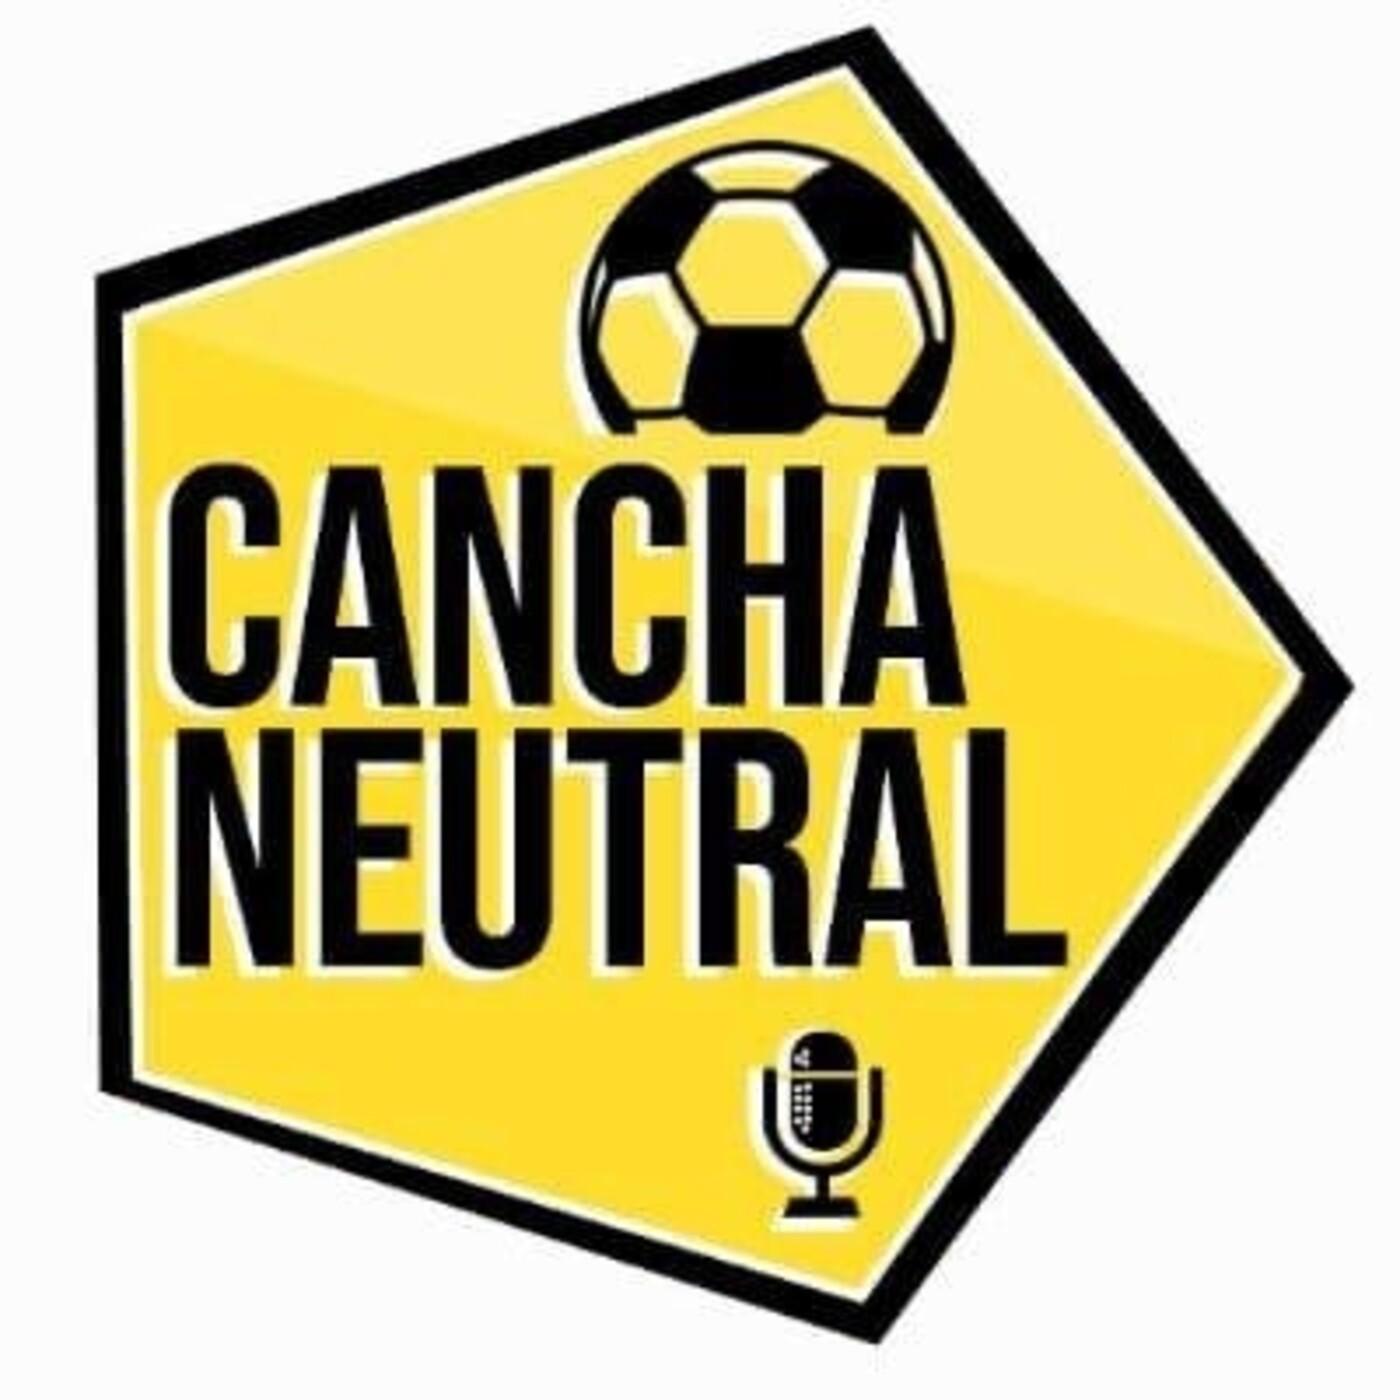 Ep 379: Cancha Neutral - Se Complica el inicio del futbol Argentino